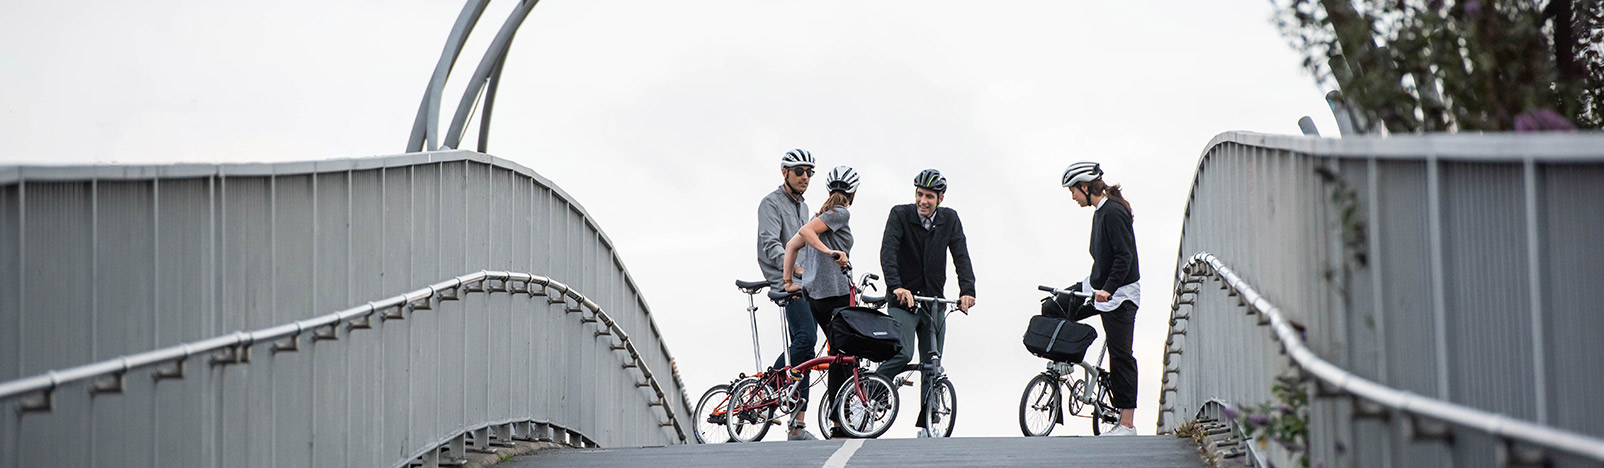 Brompton Bicycle, folding bike, Amazing Journeys, Brompton folding bike